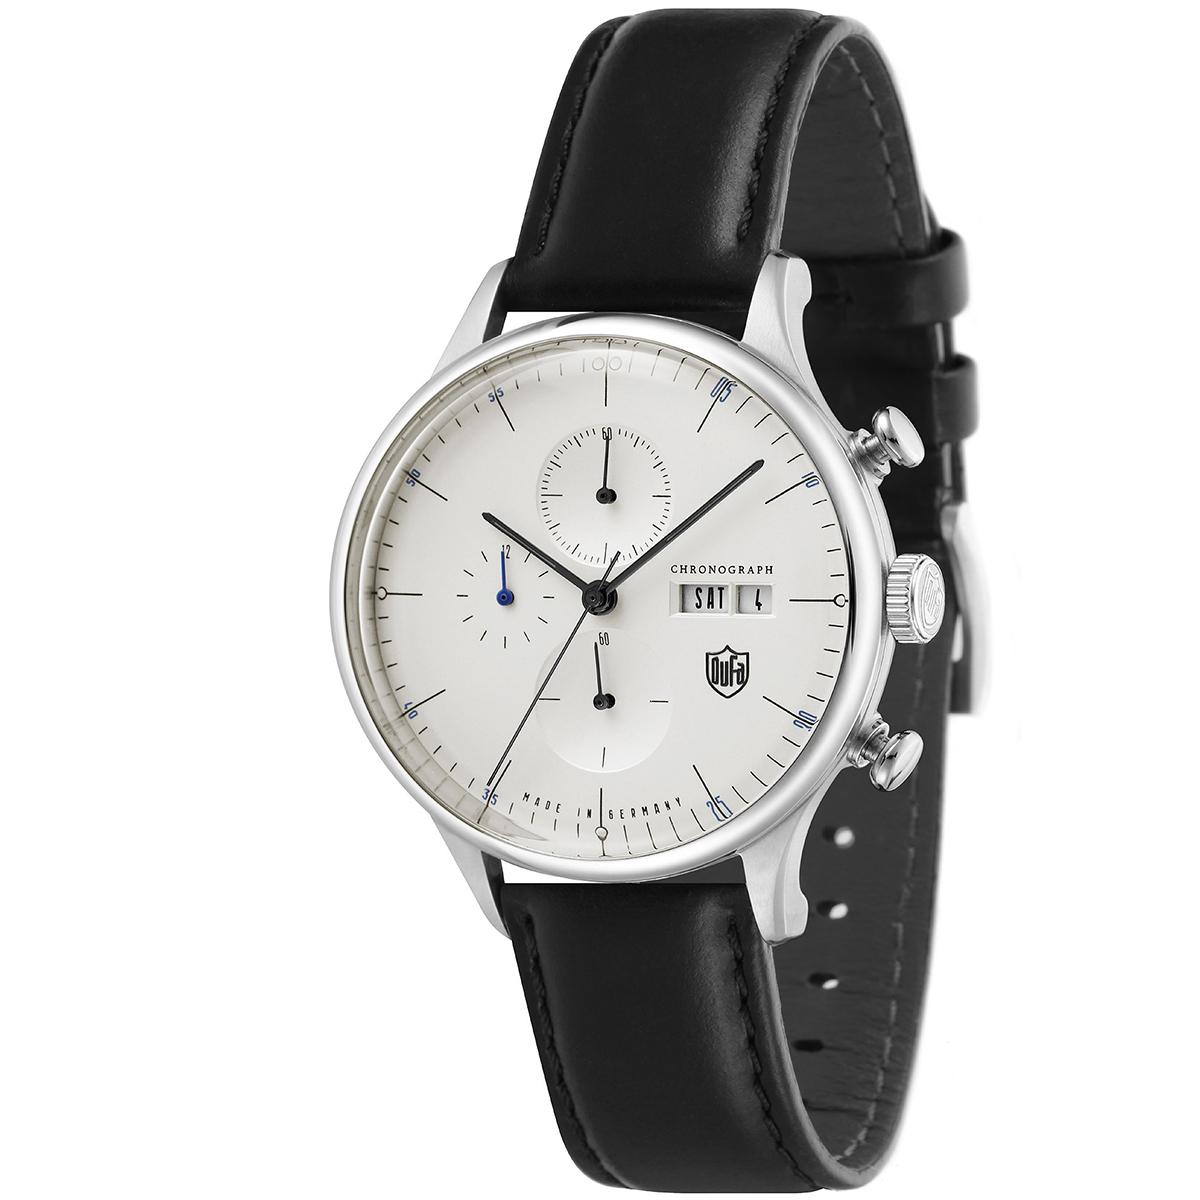 【全品送料無料】 DUFA ドゥッファ DF-9021-06 VAN DER ROHE_(New Chrono) メンズ 時計 腕時計 プレゼント 贈り物 ギフト ドイツ バウハウス[あす楽]